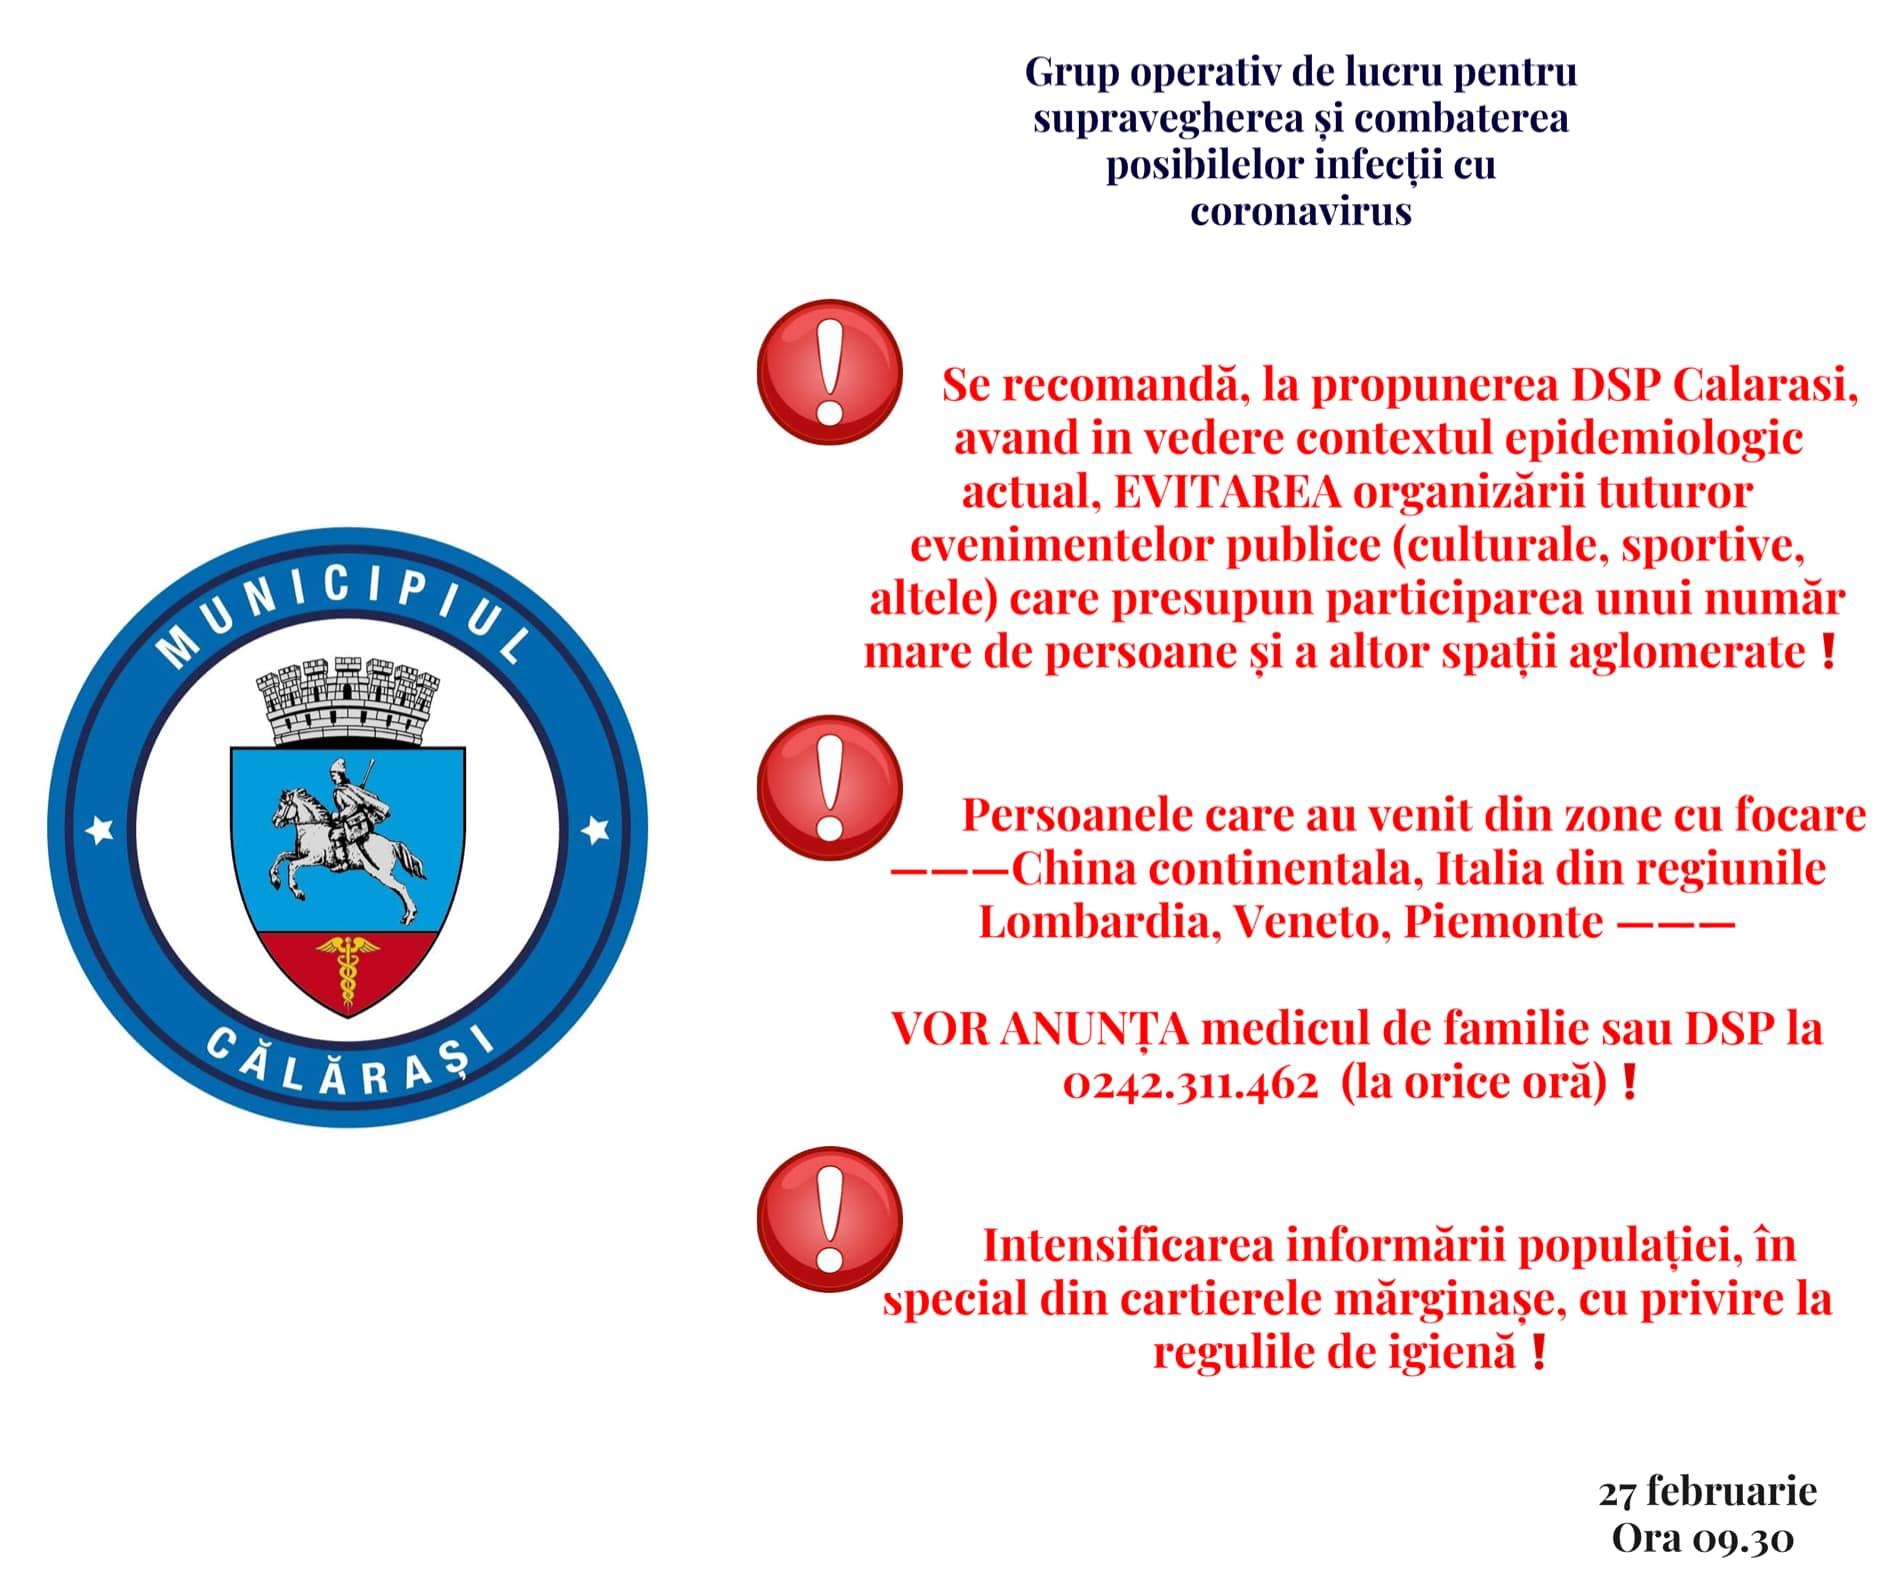 Informare Grup Operativ de Lucru pentru Supravegherea și Combaterea Posibilelor Infecții cu Coronavirus